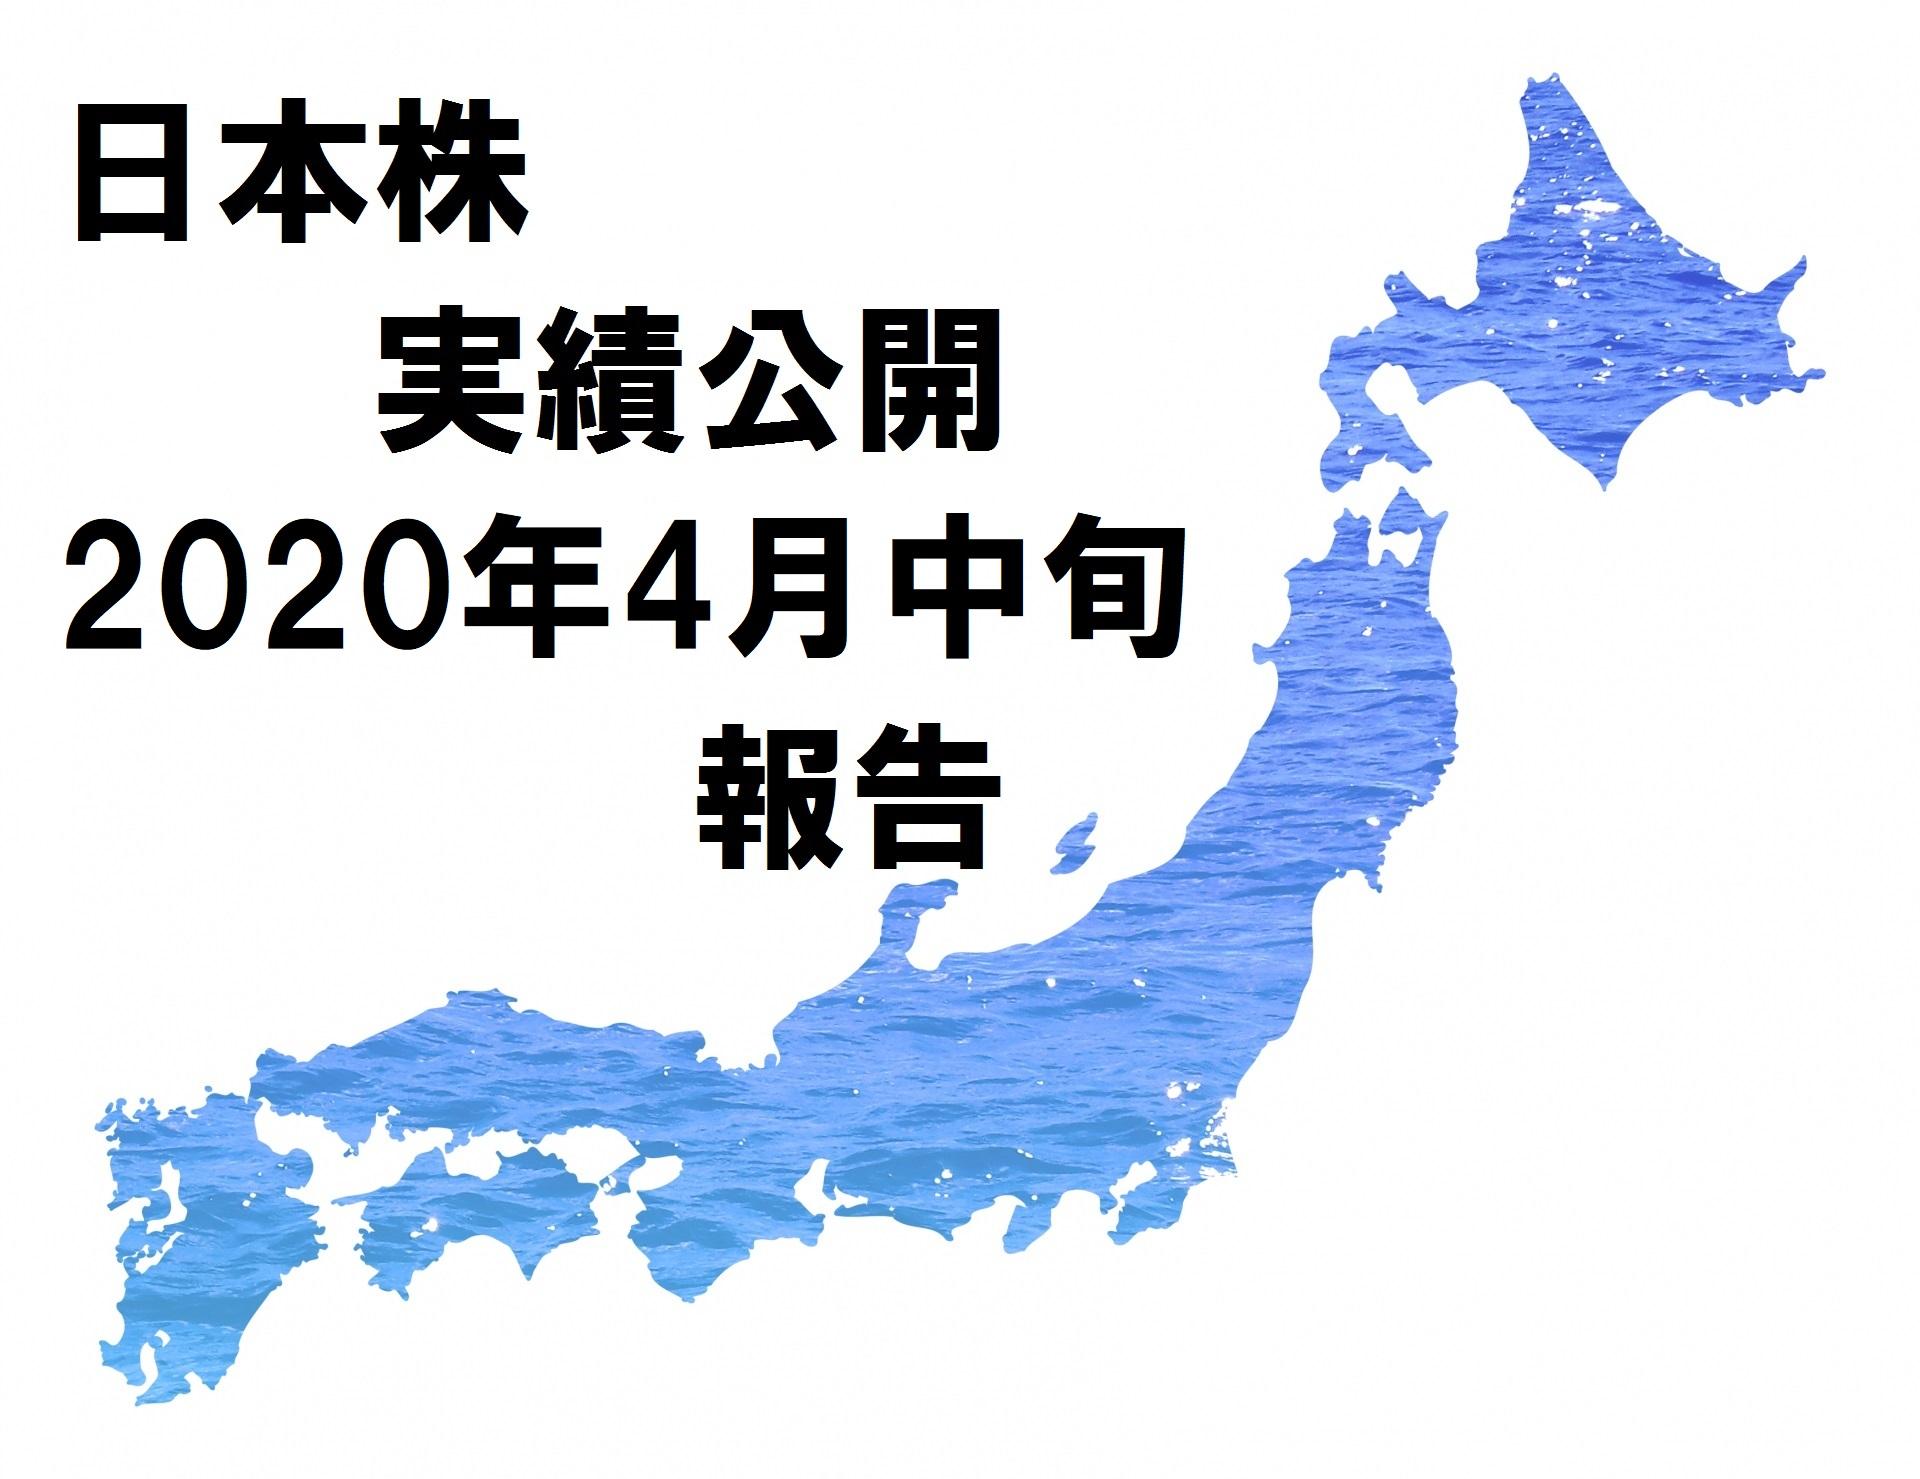 2020年4月中旬時点での日本株実績報告(株式市場ではコロナは去った?)